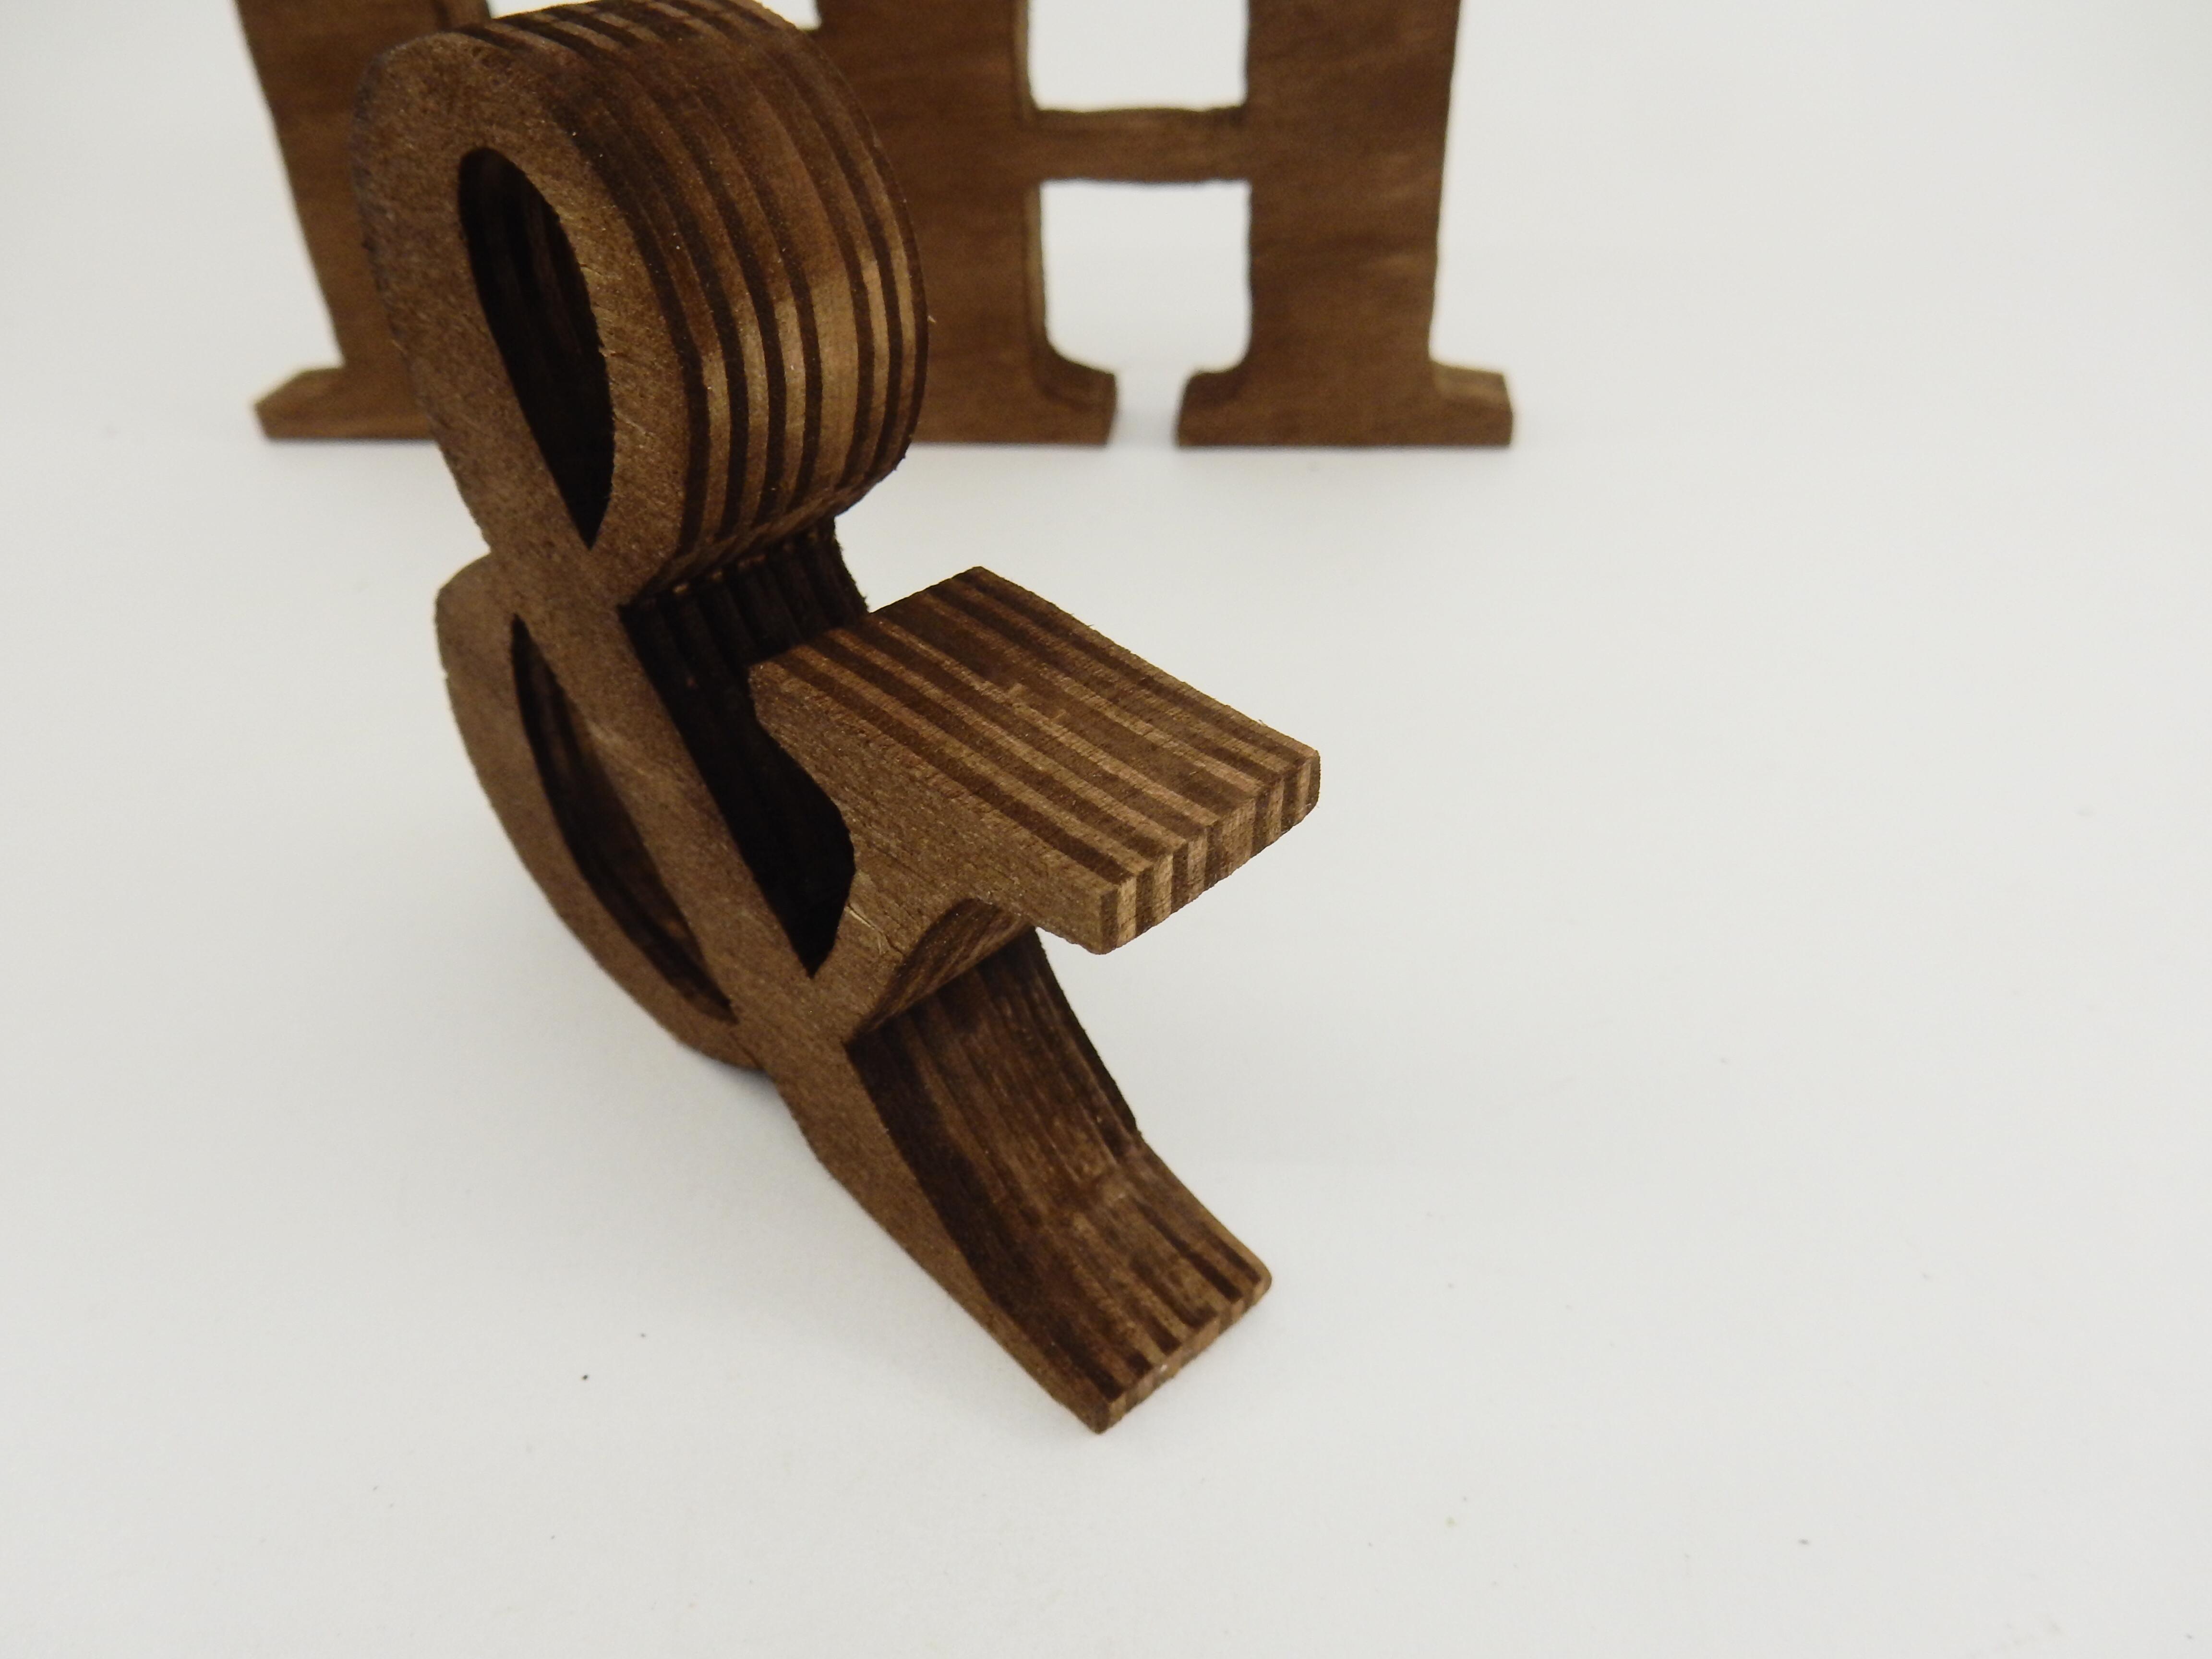 Надпис Г-жа & Г-н ръчно изработен от брезов шперплат. Идеален като семпъл акцент към декорацията на младоженската маса, надписа би могъл да бъде декор към вашата сватбена фотосесия. Декорация, която ще остане скъп спомен и ще краси вашия дом. Материалът е обработен с байц. Размери- дебелина на буквите: 1,8 см; височина- голяма буква: 12.5; малка буква 8 см. Дължина- Г-н: 19.5см; Г-жа : 29 см. Знак & - 8.5 x 8.7 см.